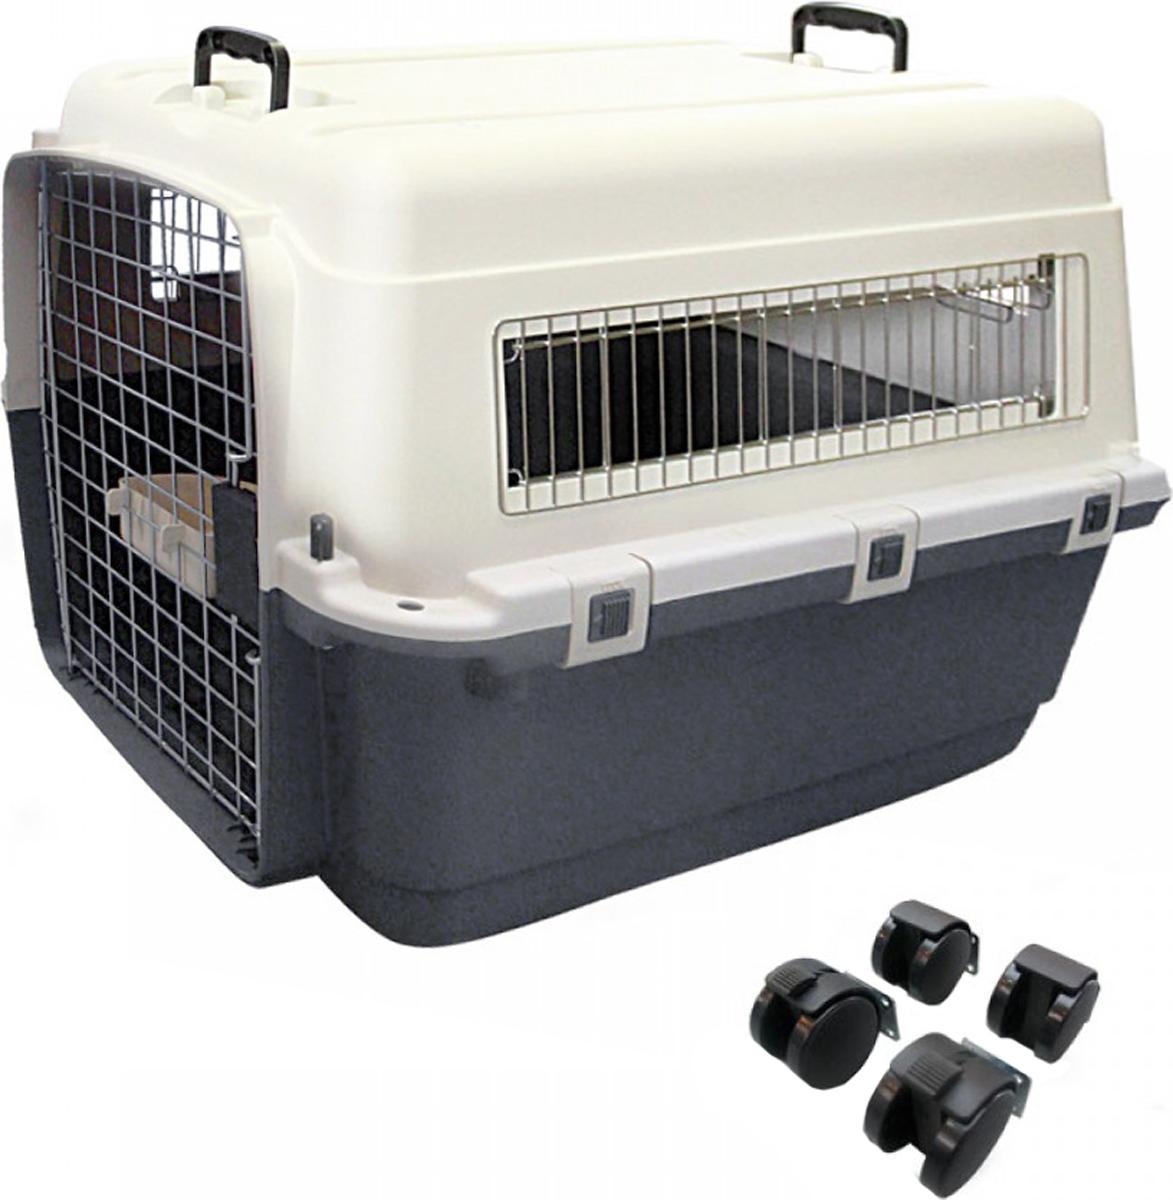 Переноска для собак Triol  Premium Giant , цвет: серый, 100 x 67 x 75 см - Переноски, товары для транспортировки